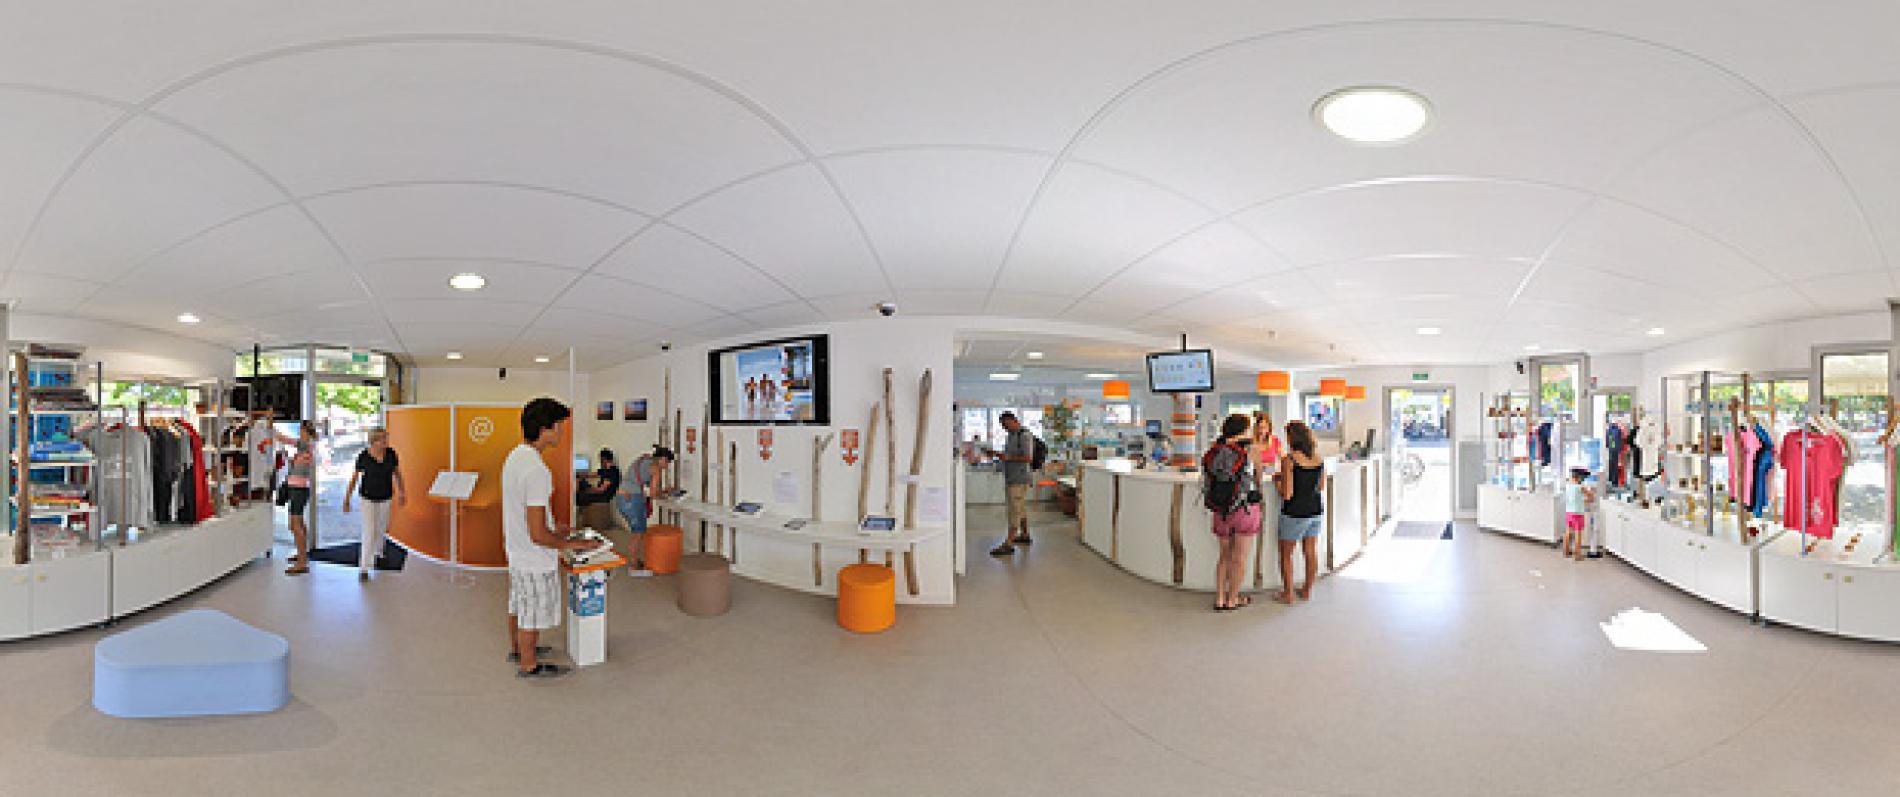 S jour h tel biscarrosse plage pr s du bassin d 39 arcachon - Office du tourisme biscarrosse ...